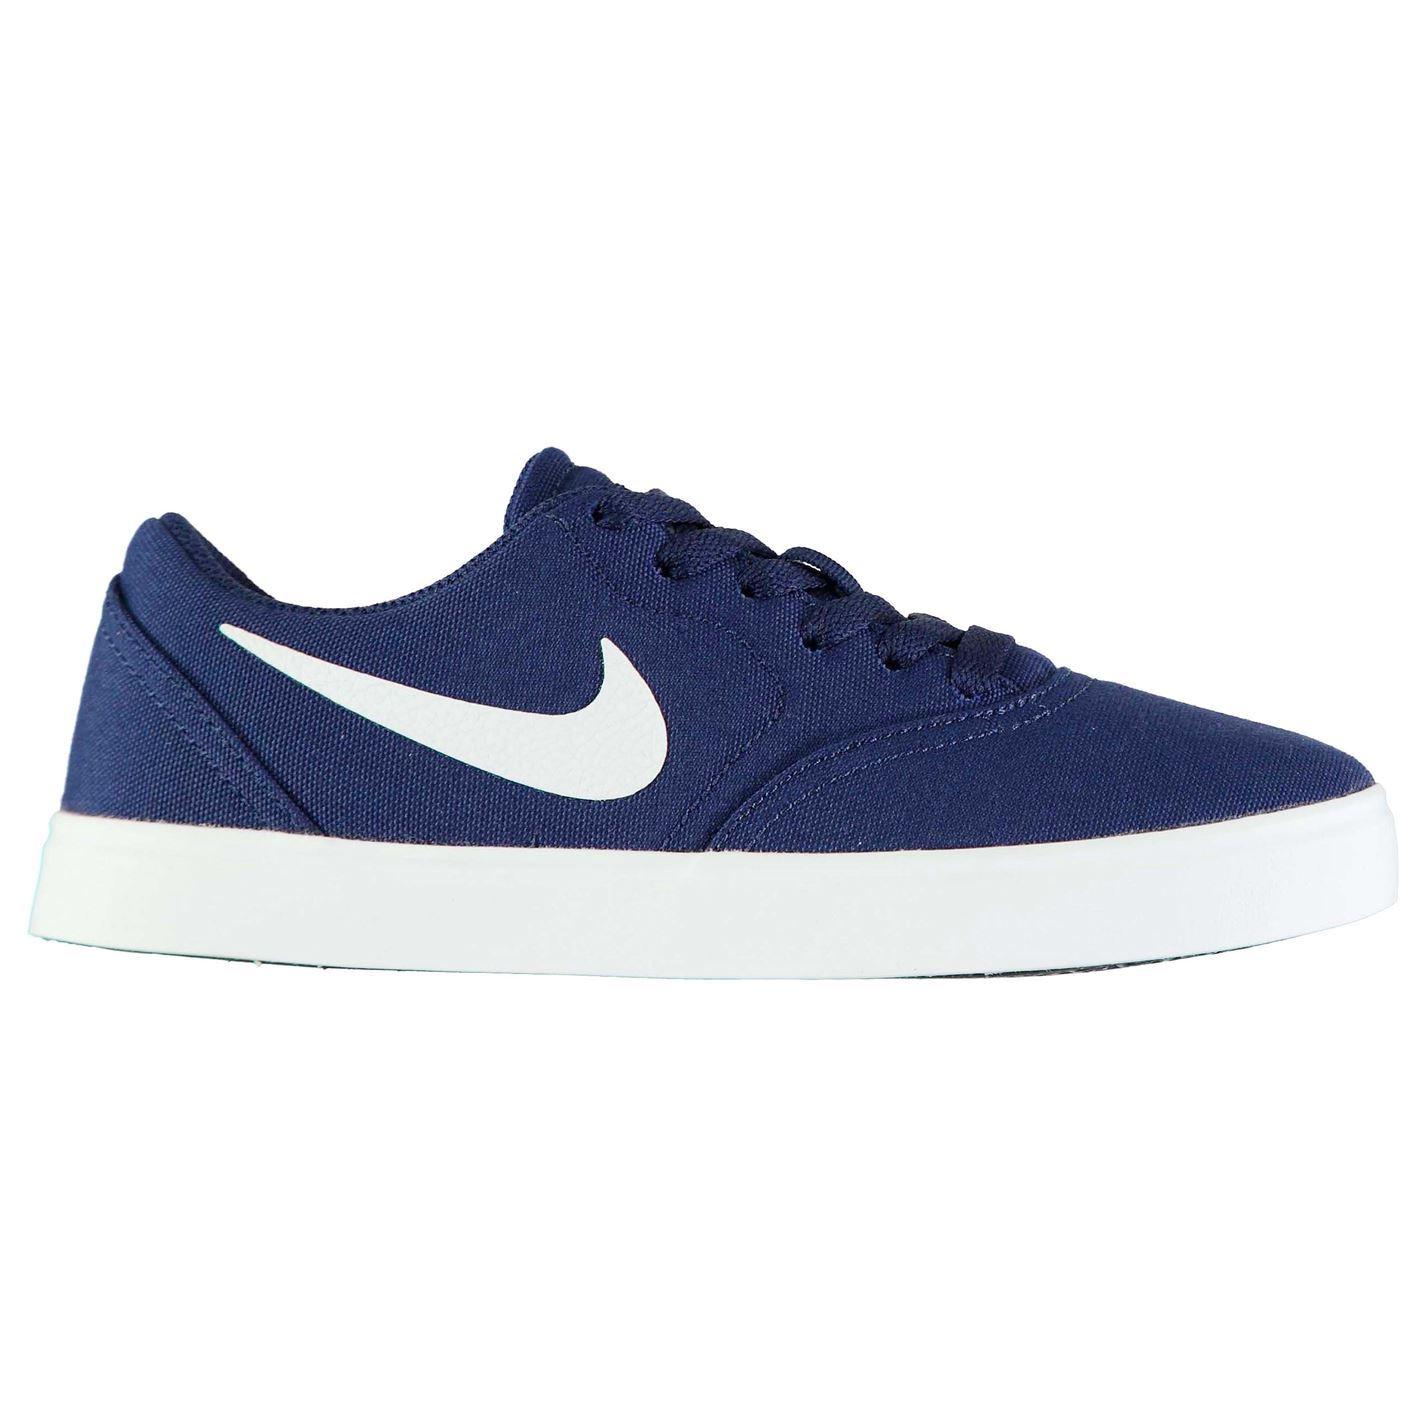 the latest d1919 d8102 ... Chaussures de Nike SB Check toile Skate Junior garçons formateurs  chaussures ...